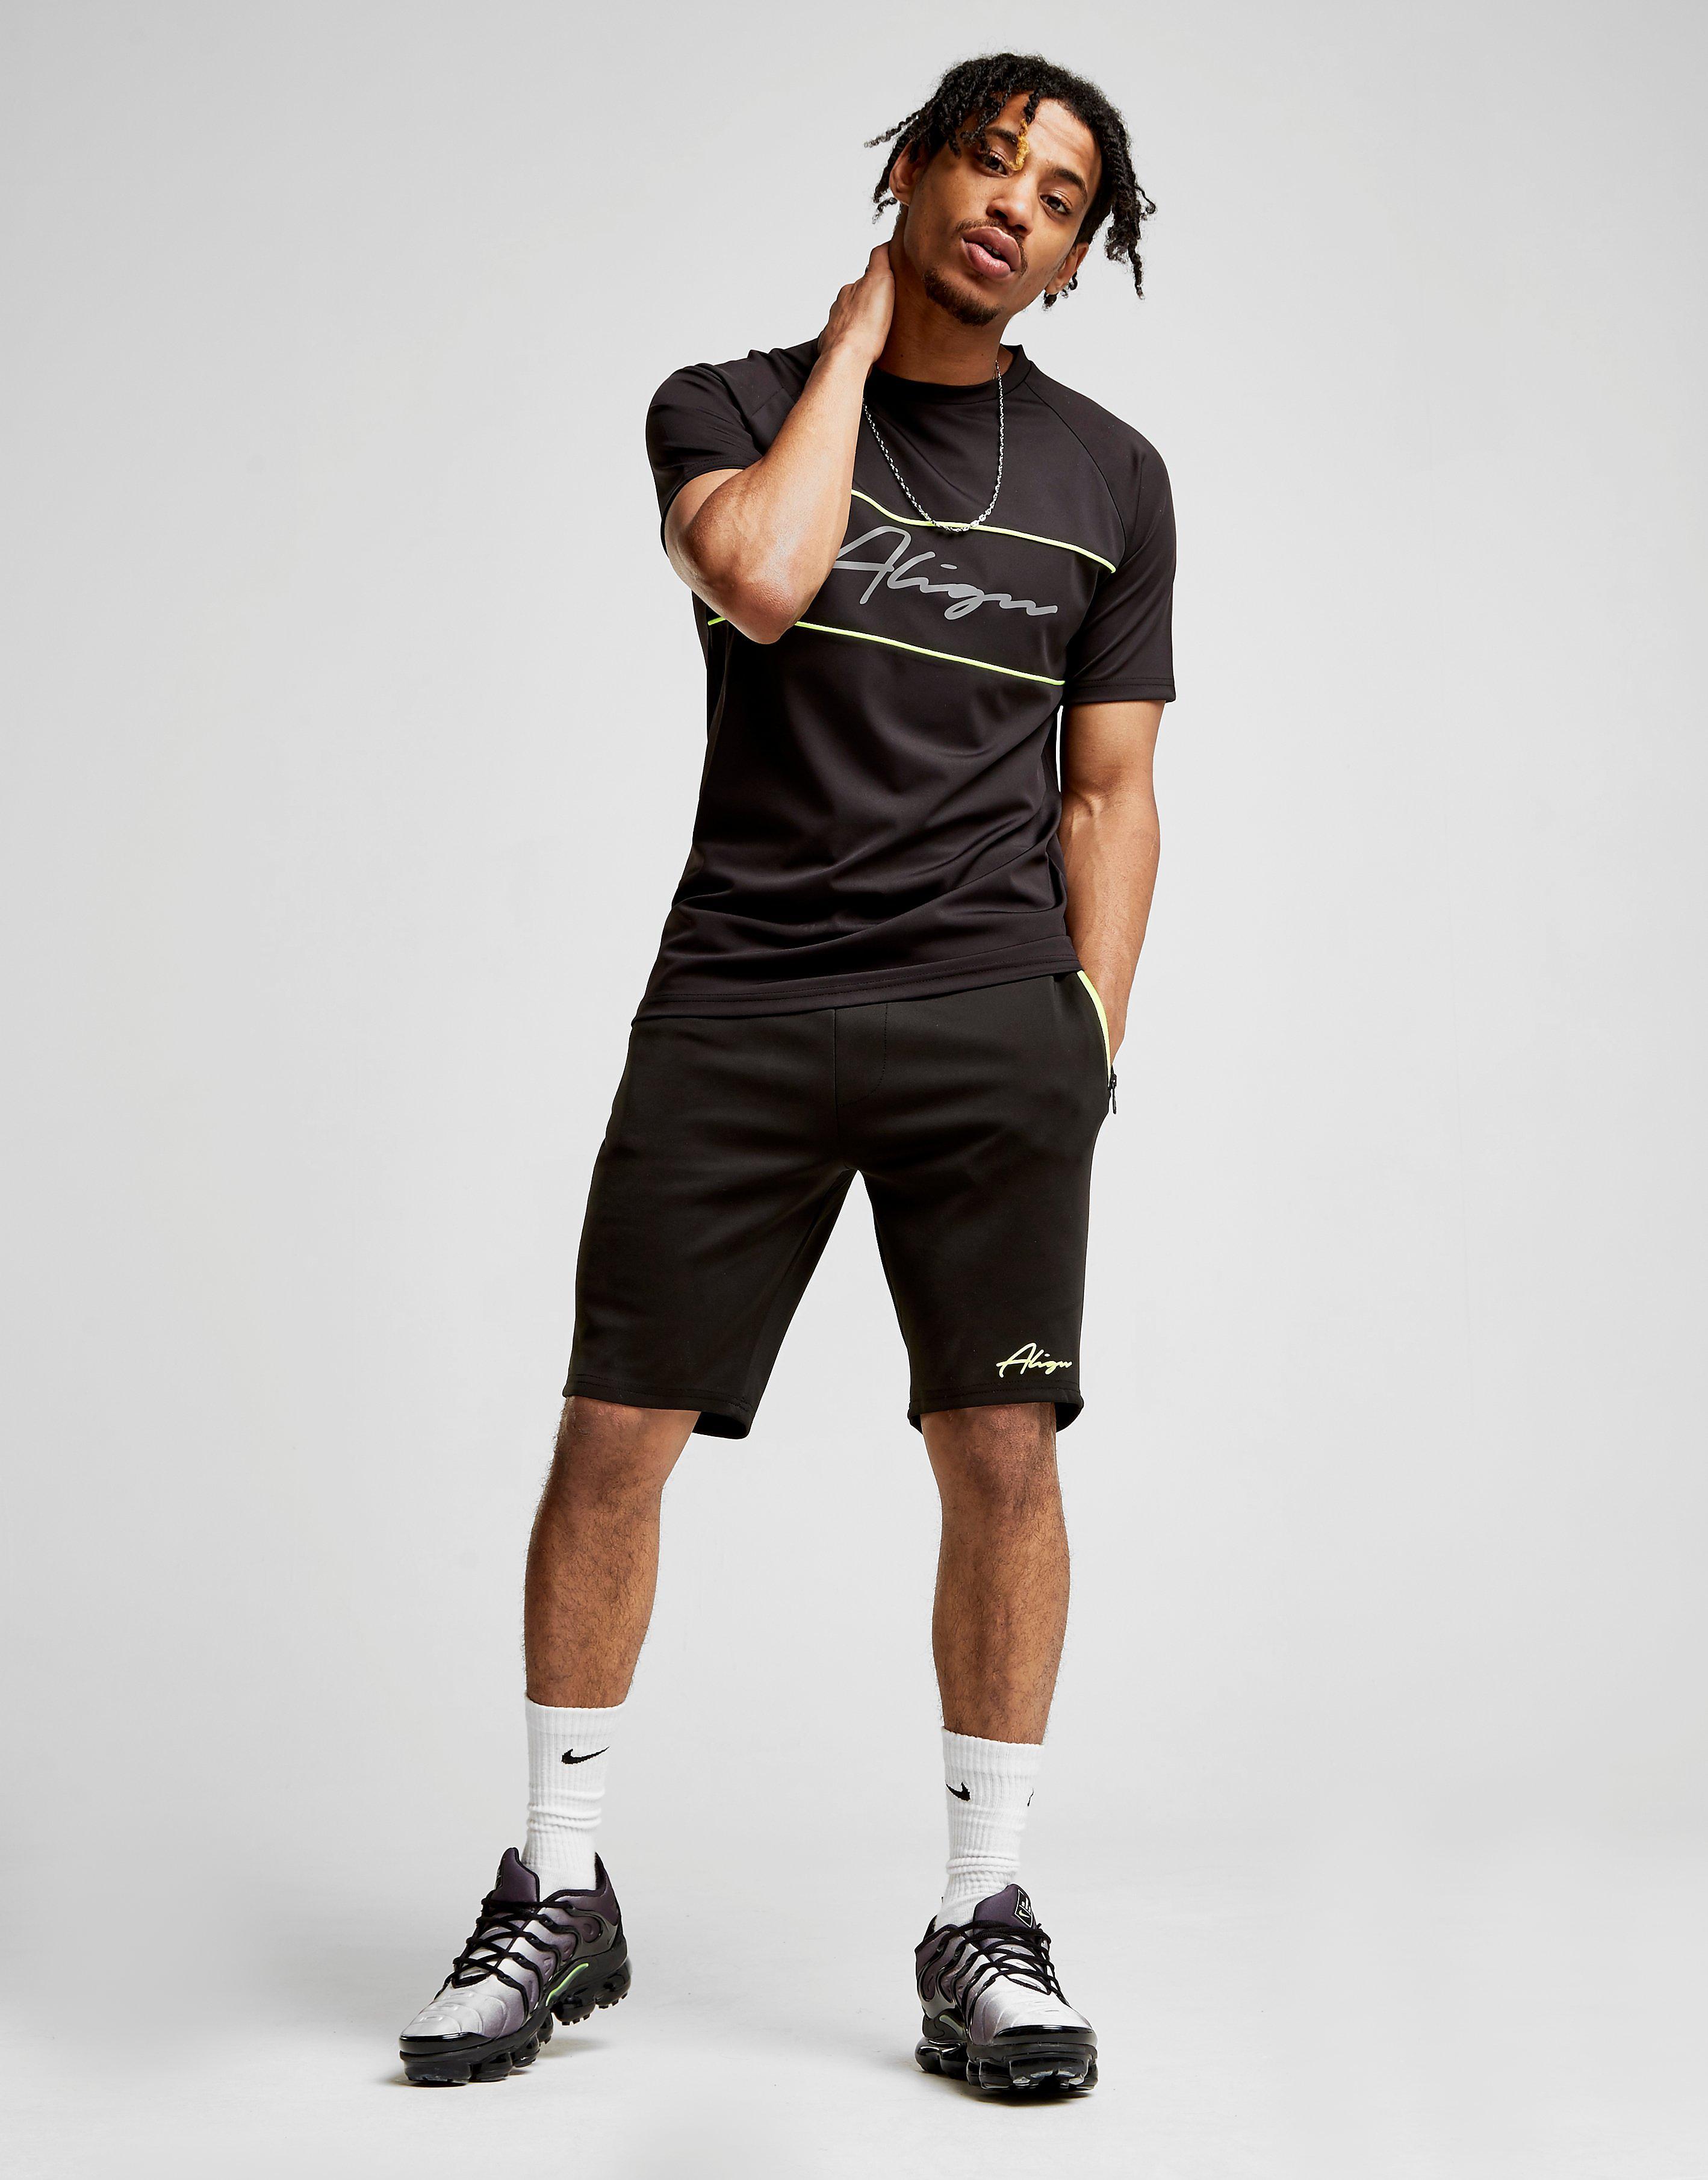 Align Signature Shorts